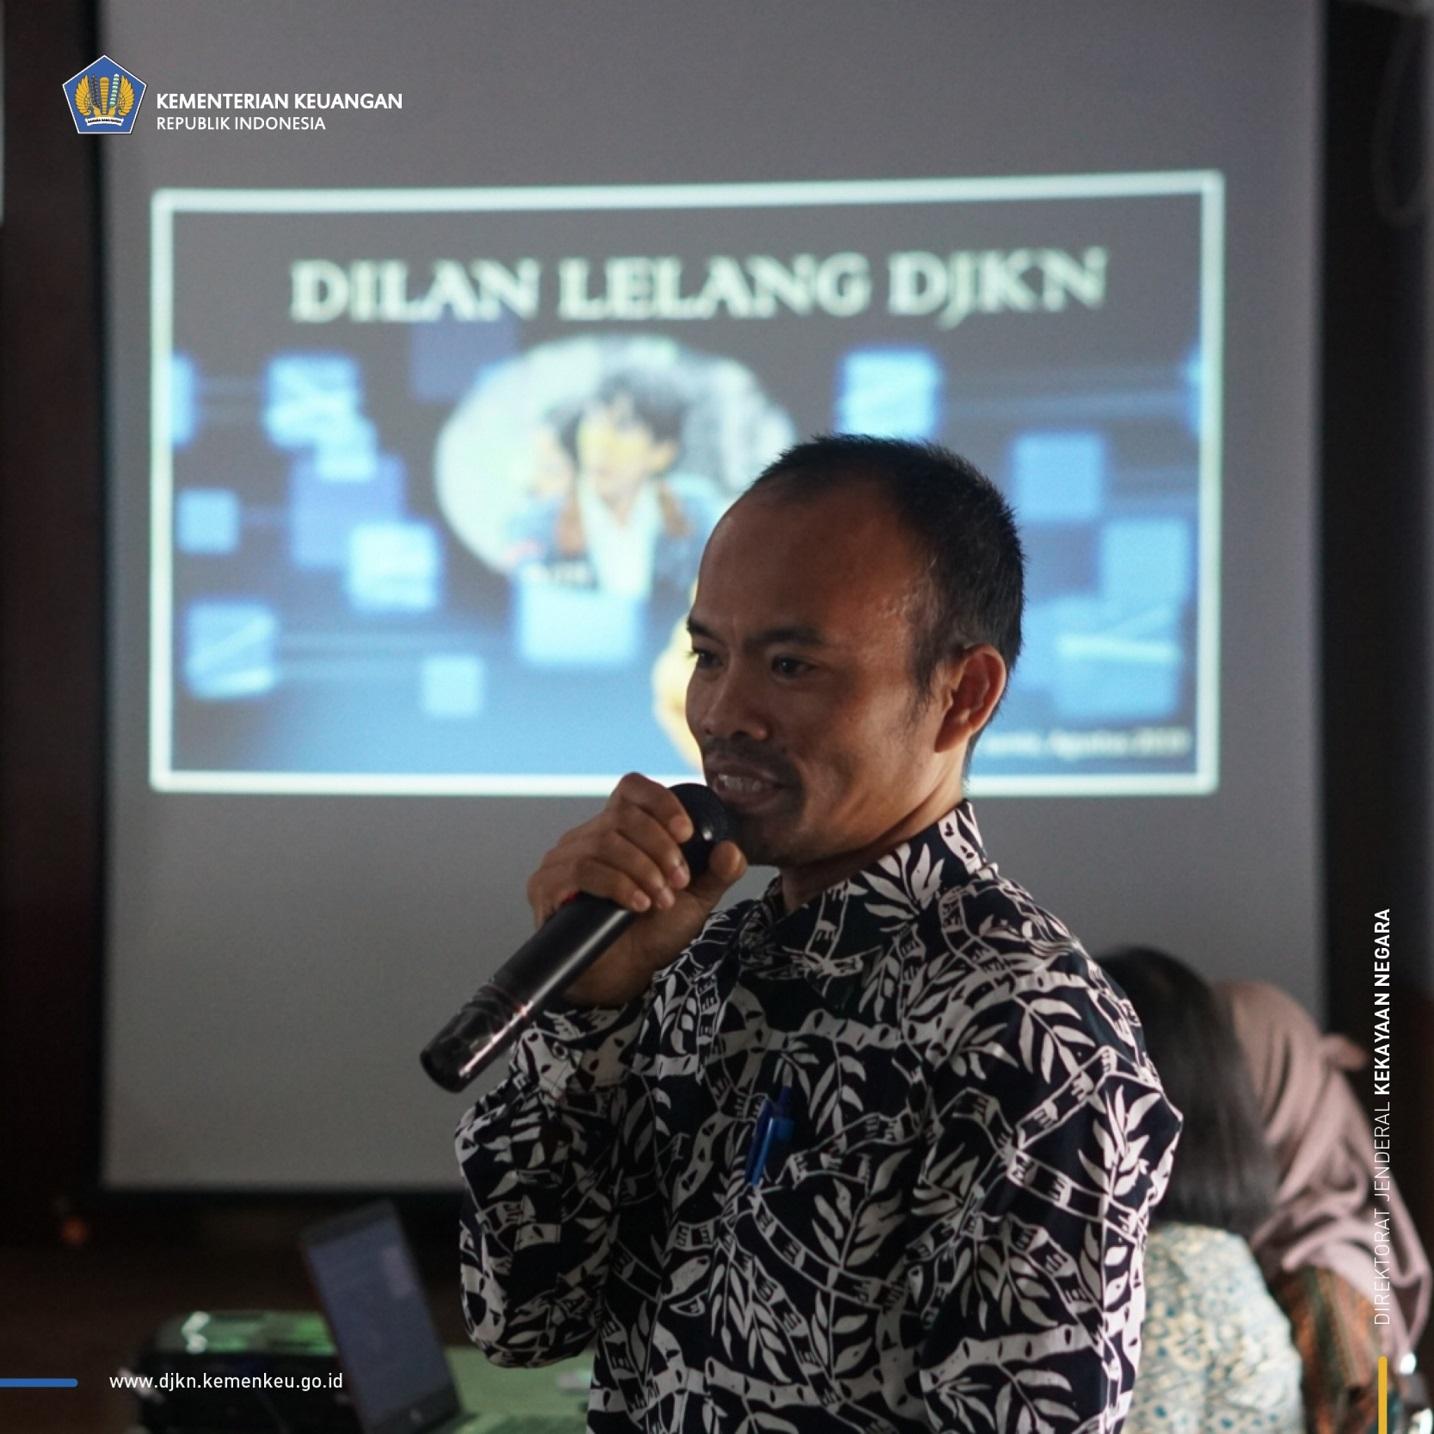 KPKNL Jambi Melakukan Sosialisasi Digitalisasi Layanan (DILAN) Lelang Sekaligus Melelang Kendaraan Dinas Pemerintah Kabupaten Sarolangun